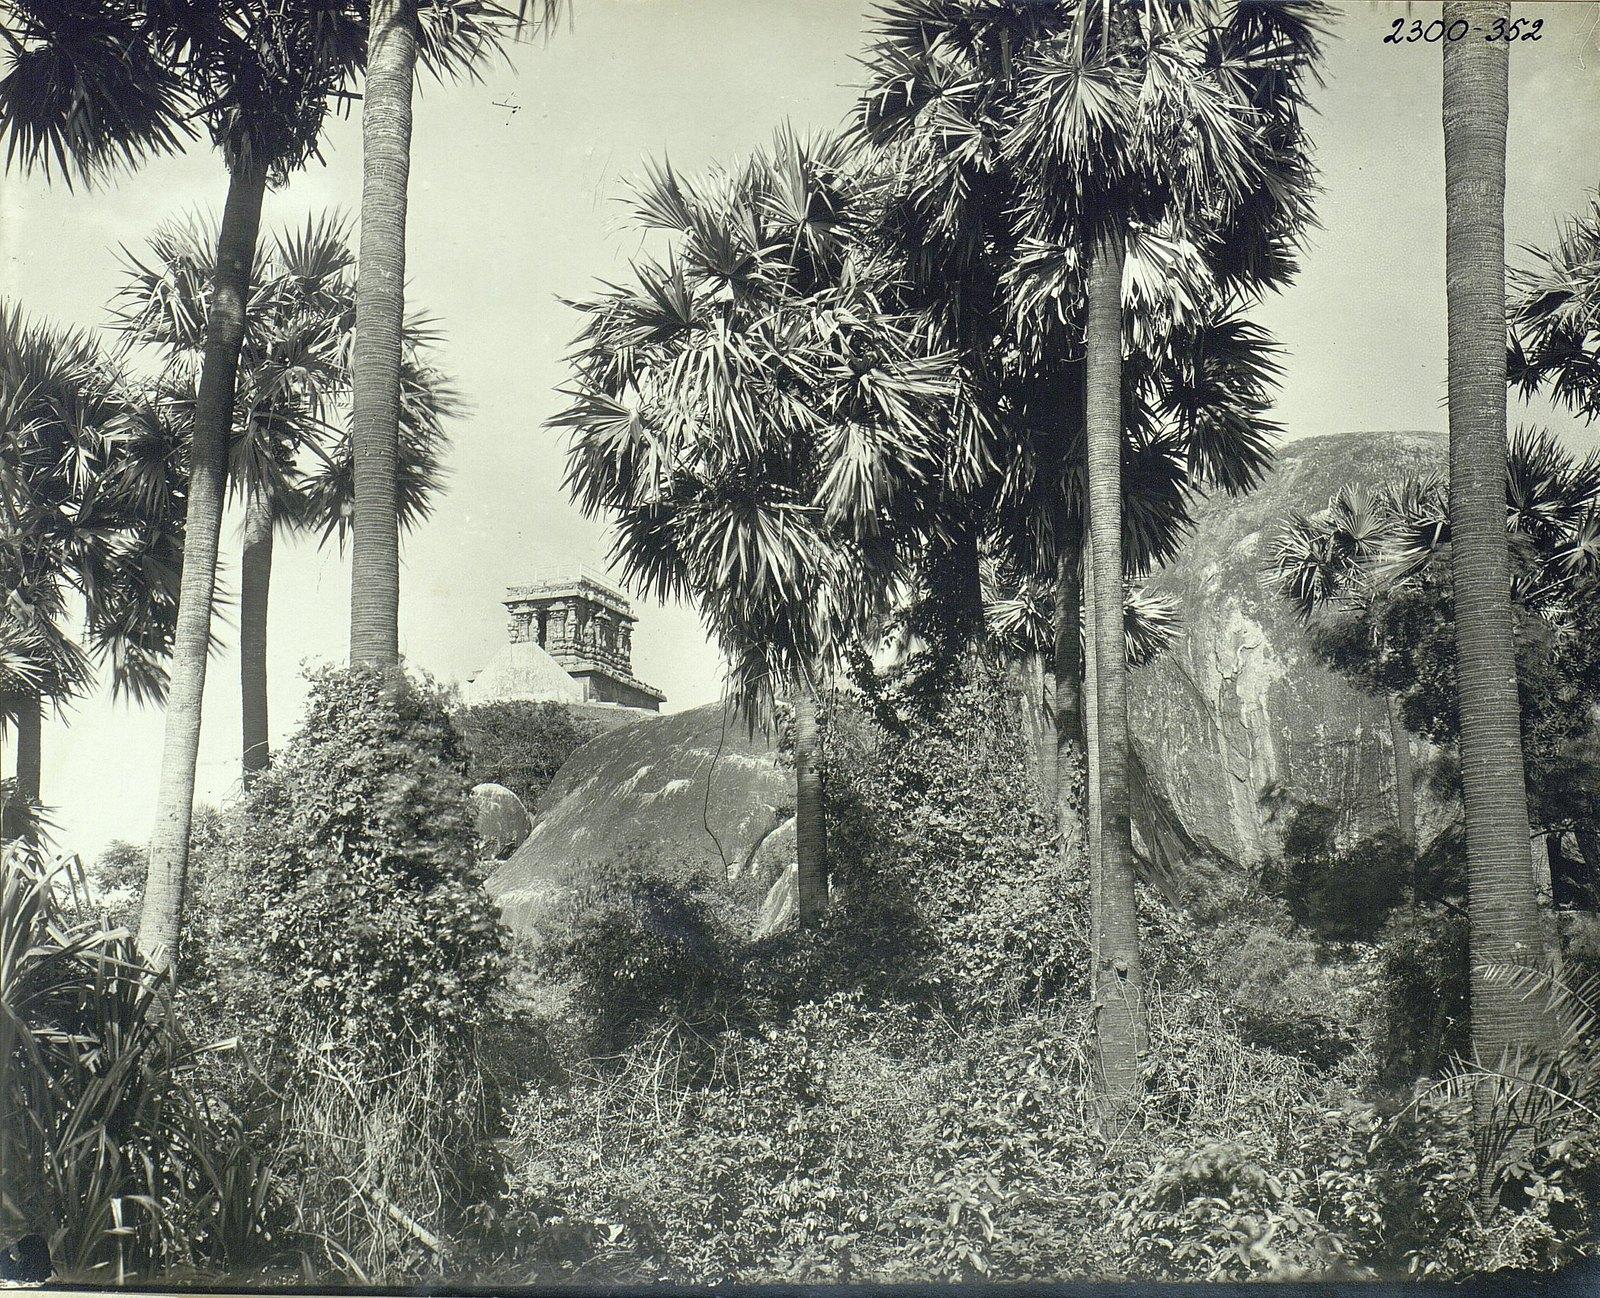 Мамаллапур (общий вид местности, в которой находятся храмы) (2)